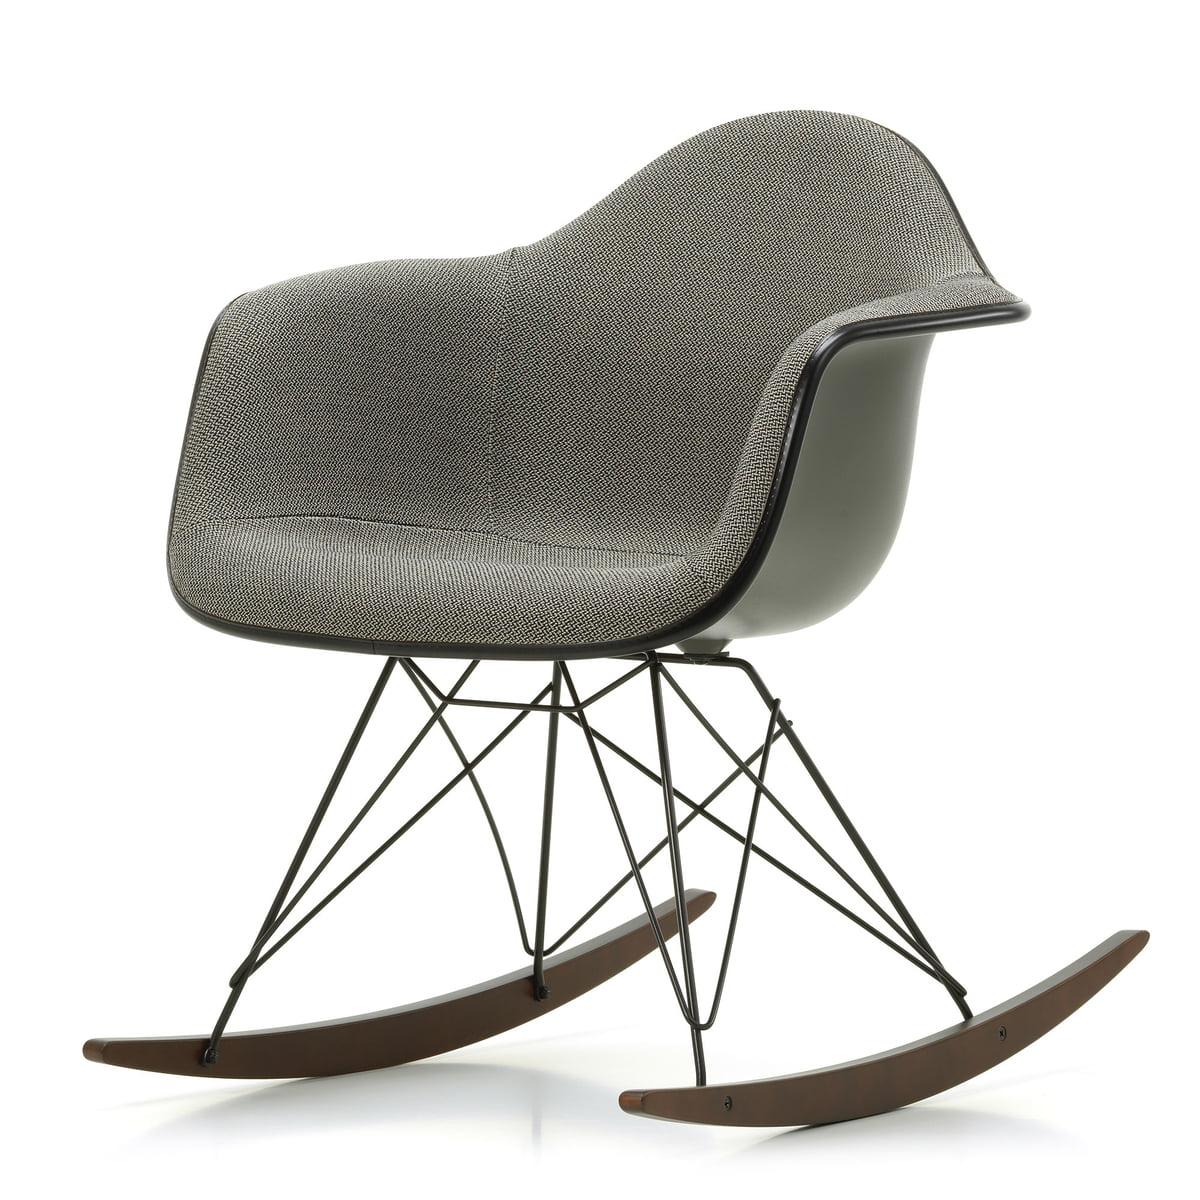 eames fauteuil Eames Fauteuil en plastique RAR by Vitra en érable foncé - laqué époxy  basique foncé -